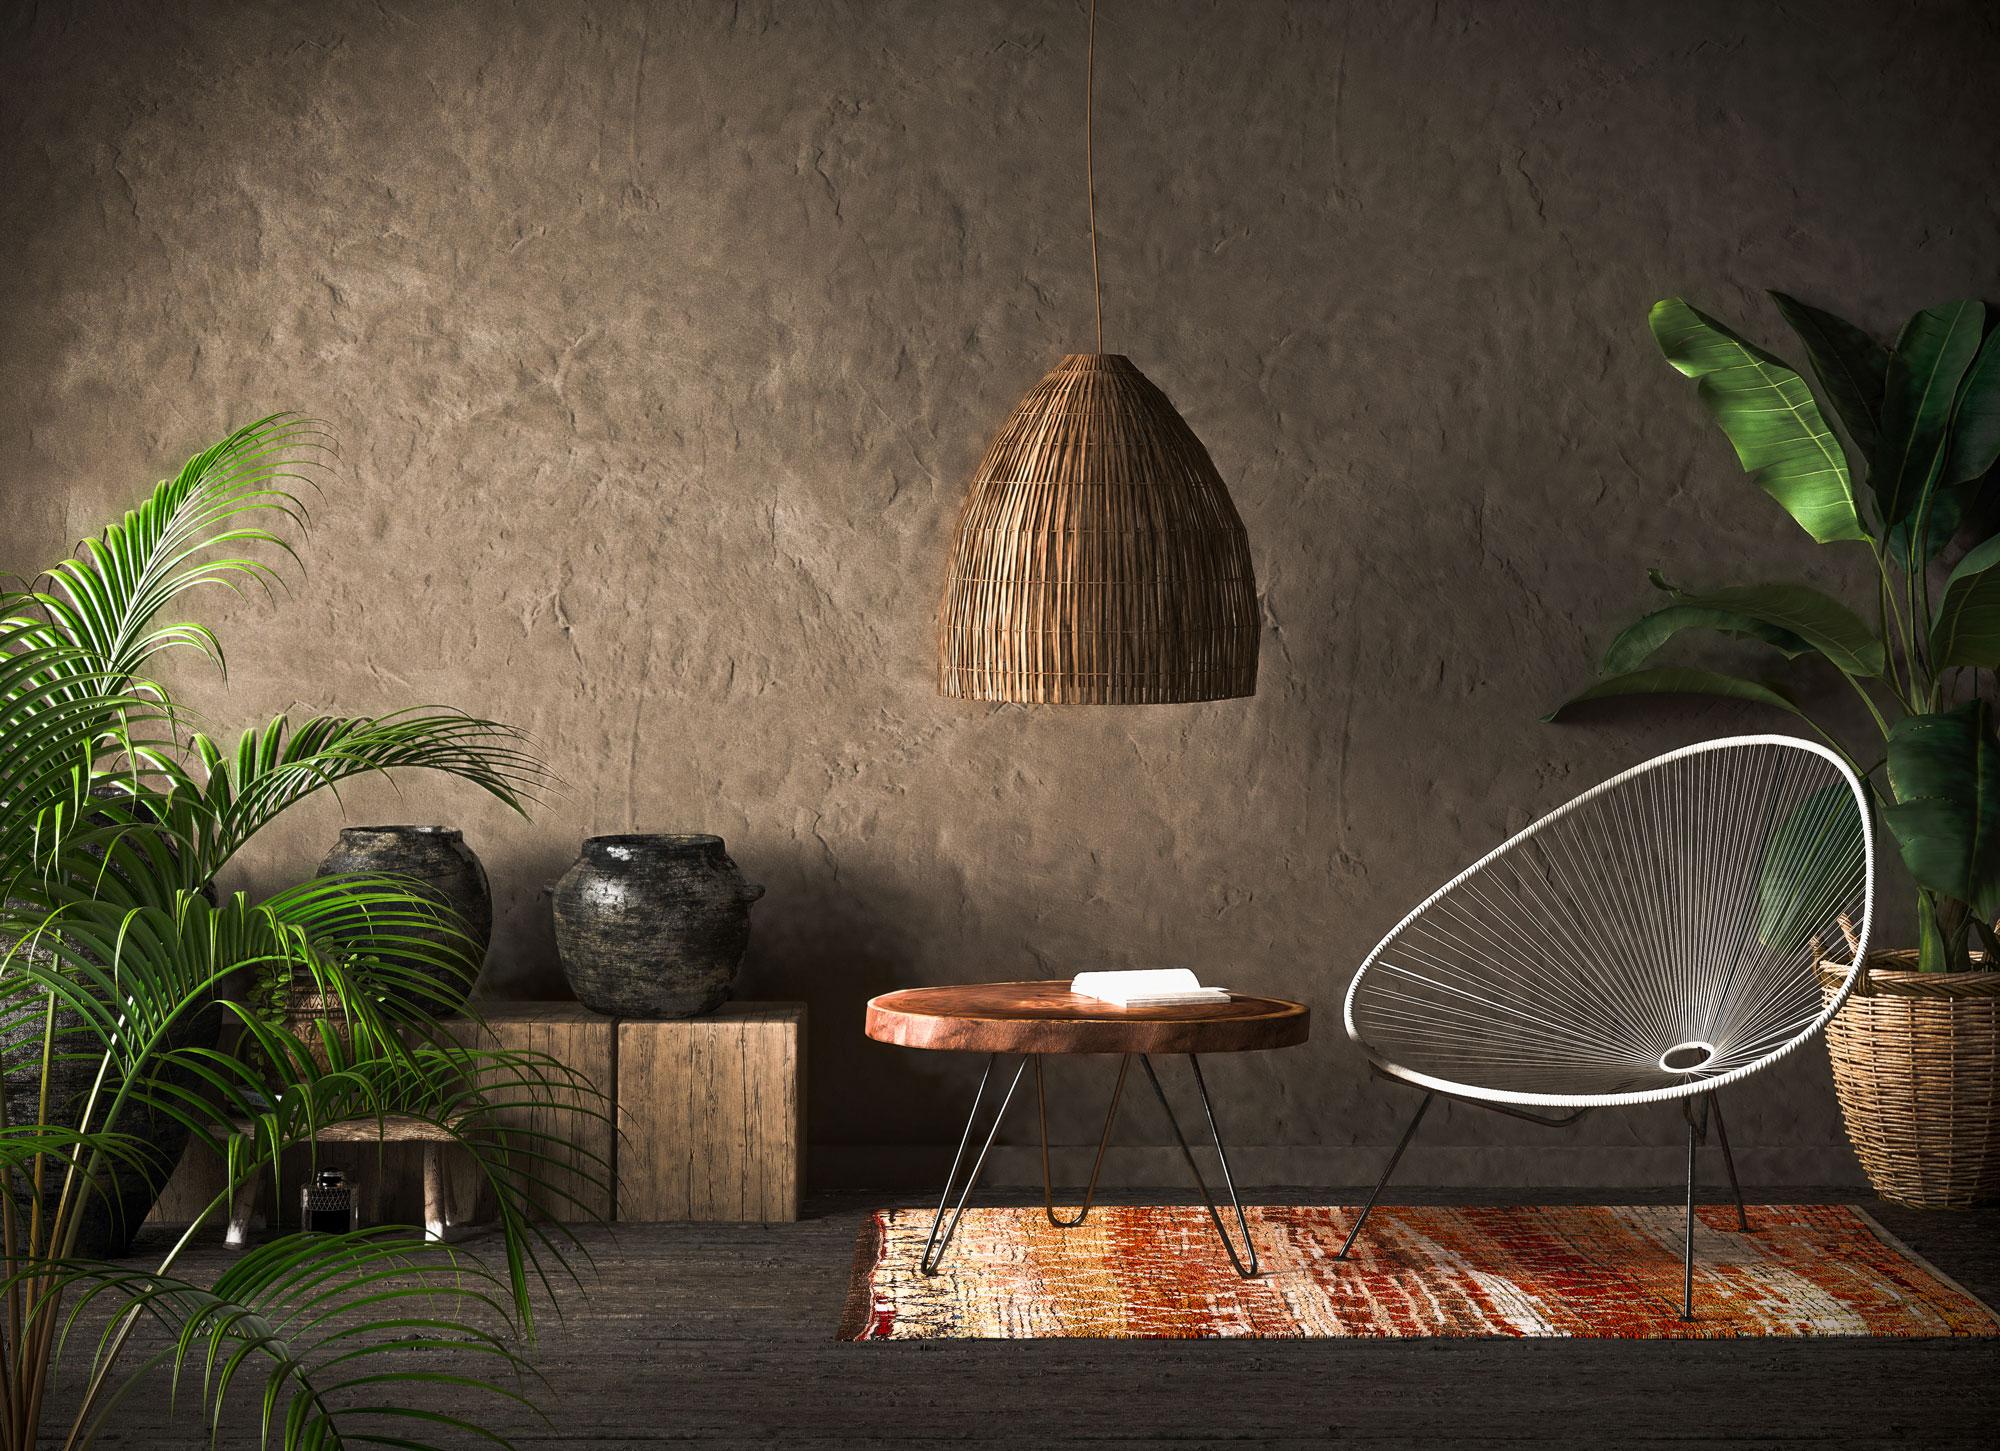 Arredare Casa Stile Marocco arredare in stile etnico: il mistero dell'oriente il calore